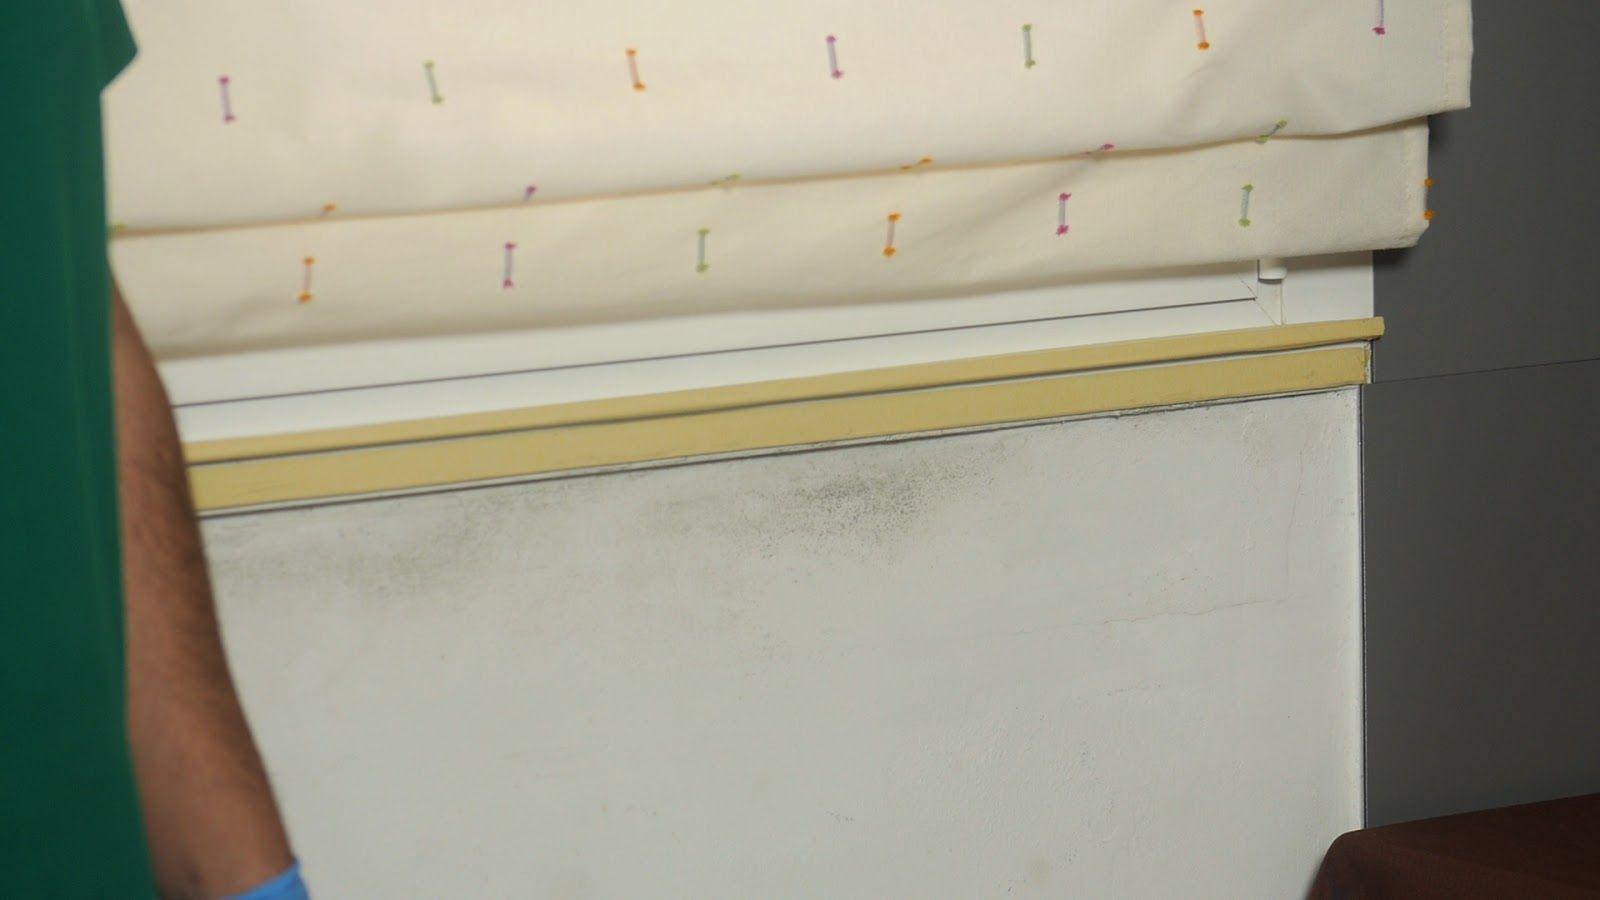 Manchas de moho provocadas por humedad por condensación